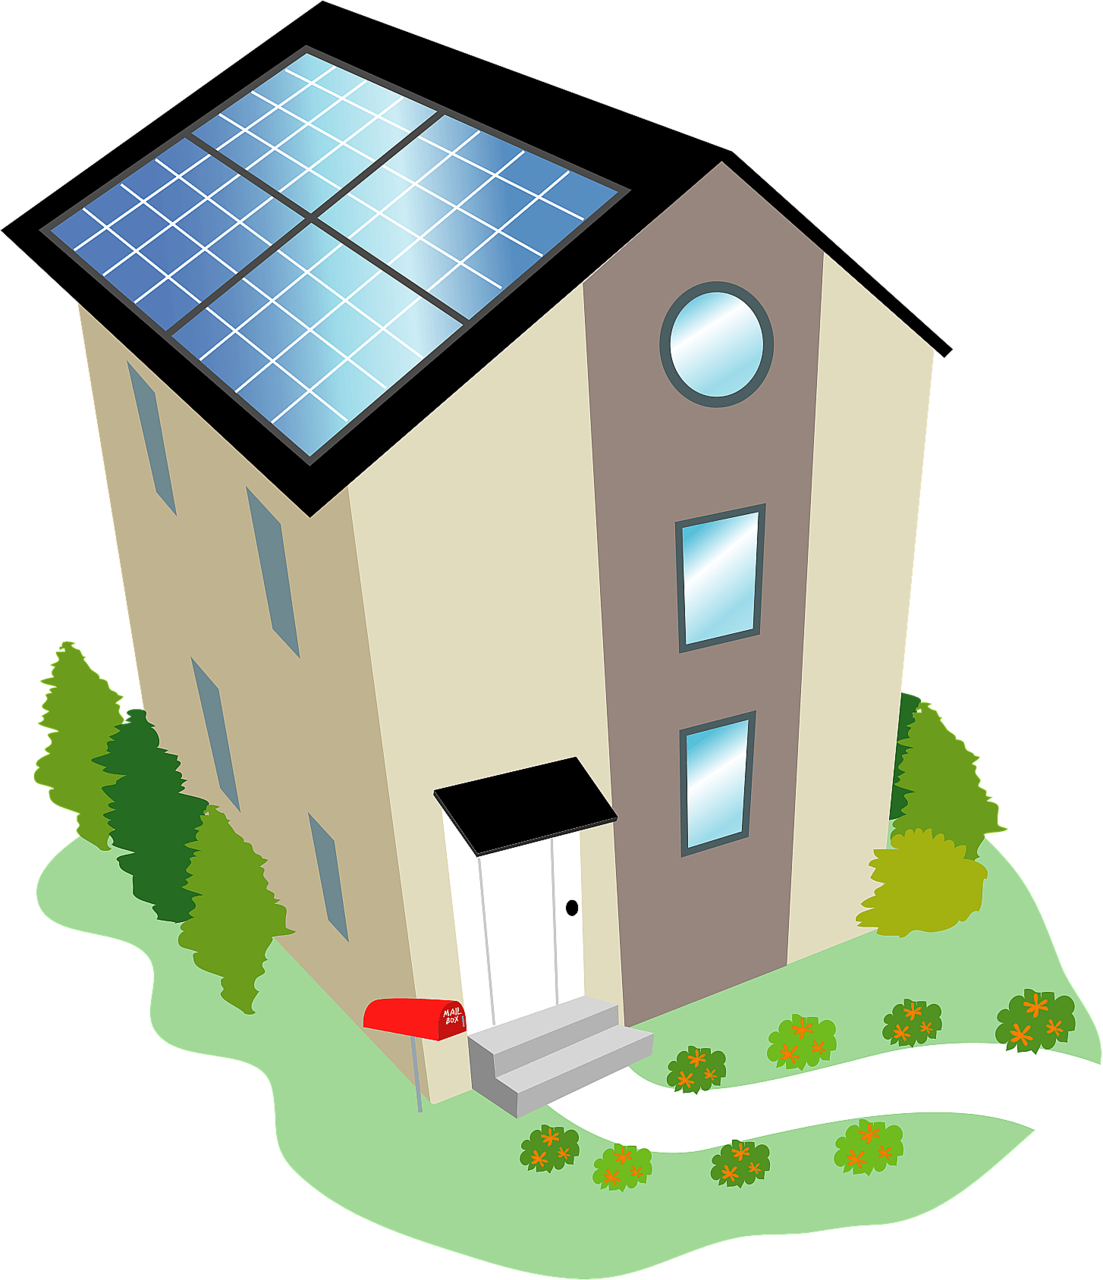 家庭の太陽光発電で 余った電気を東京都へ